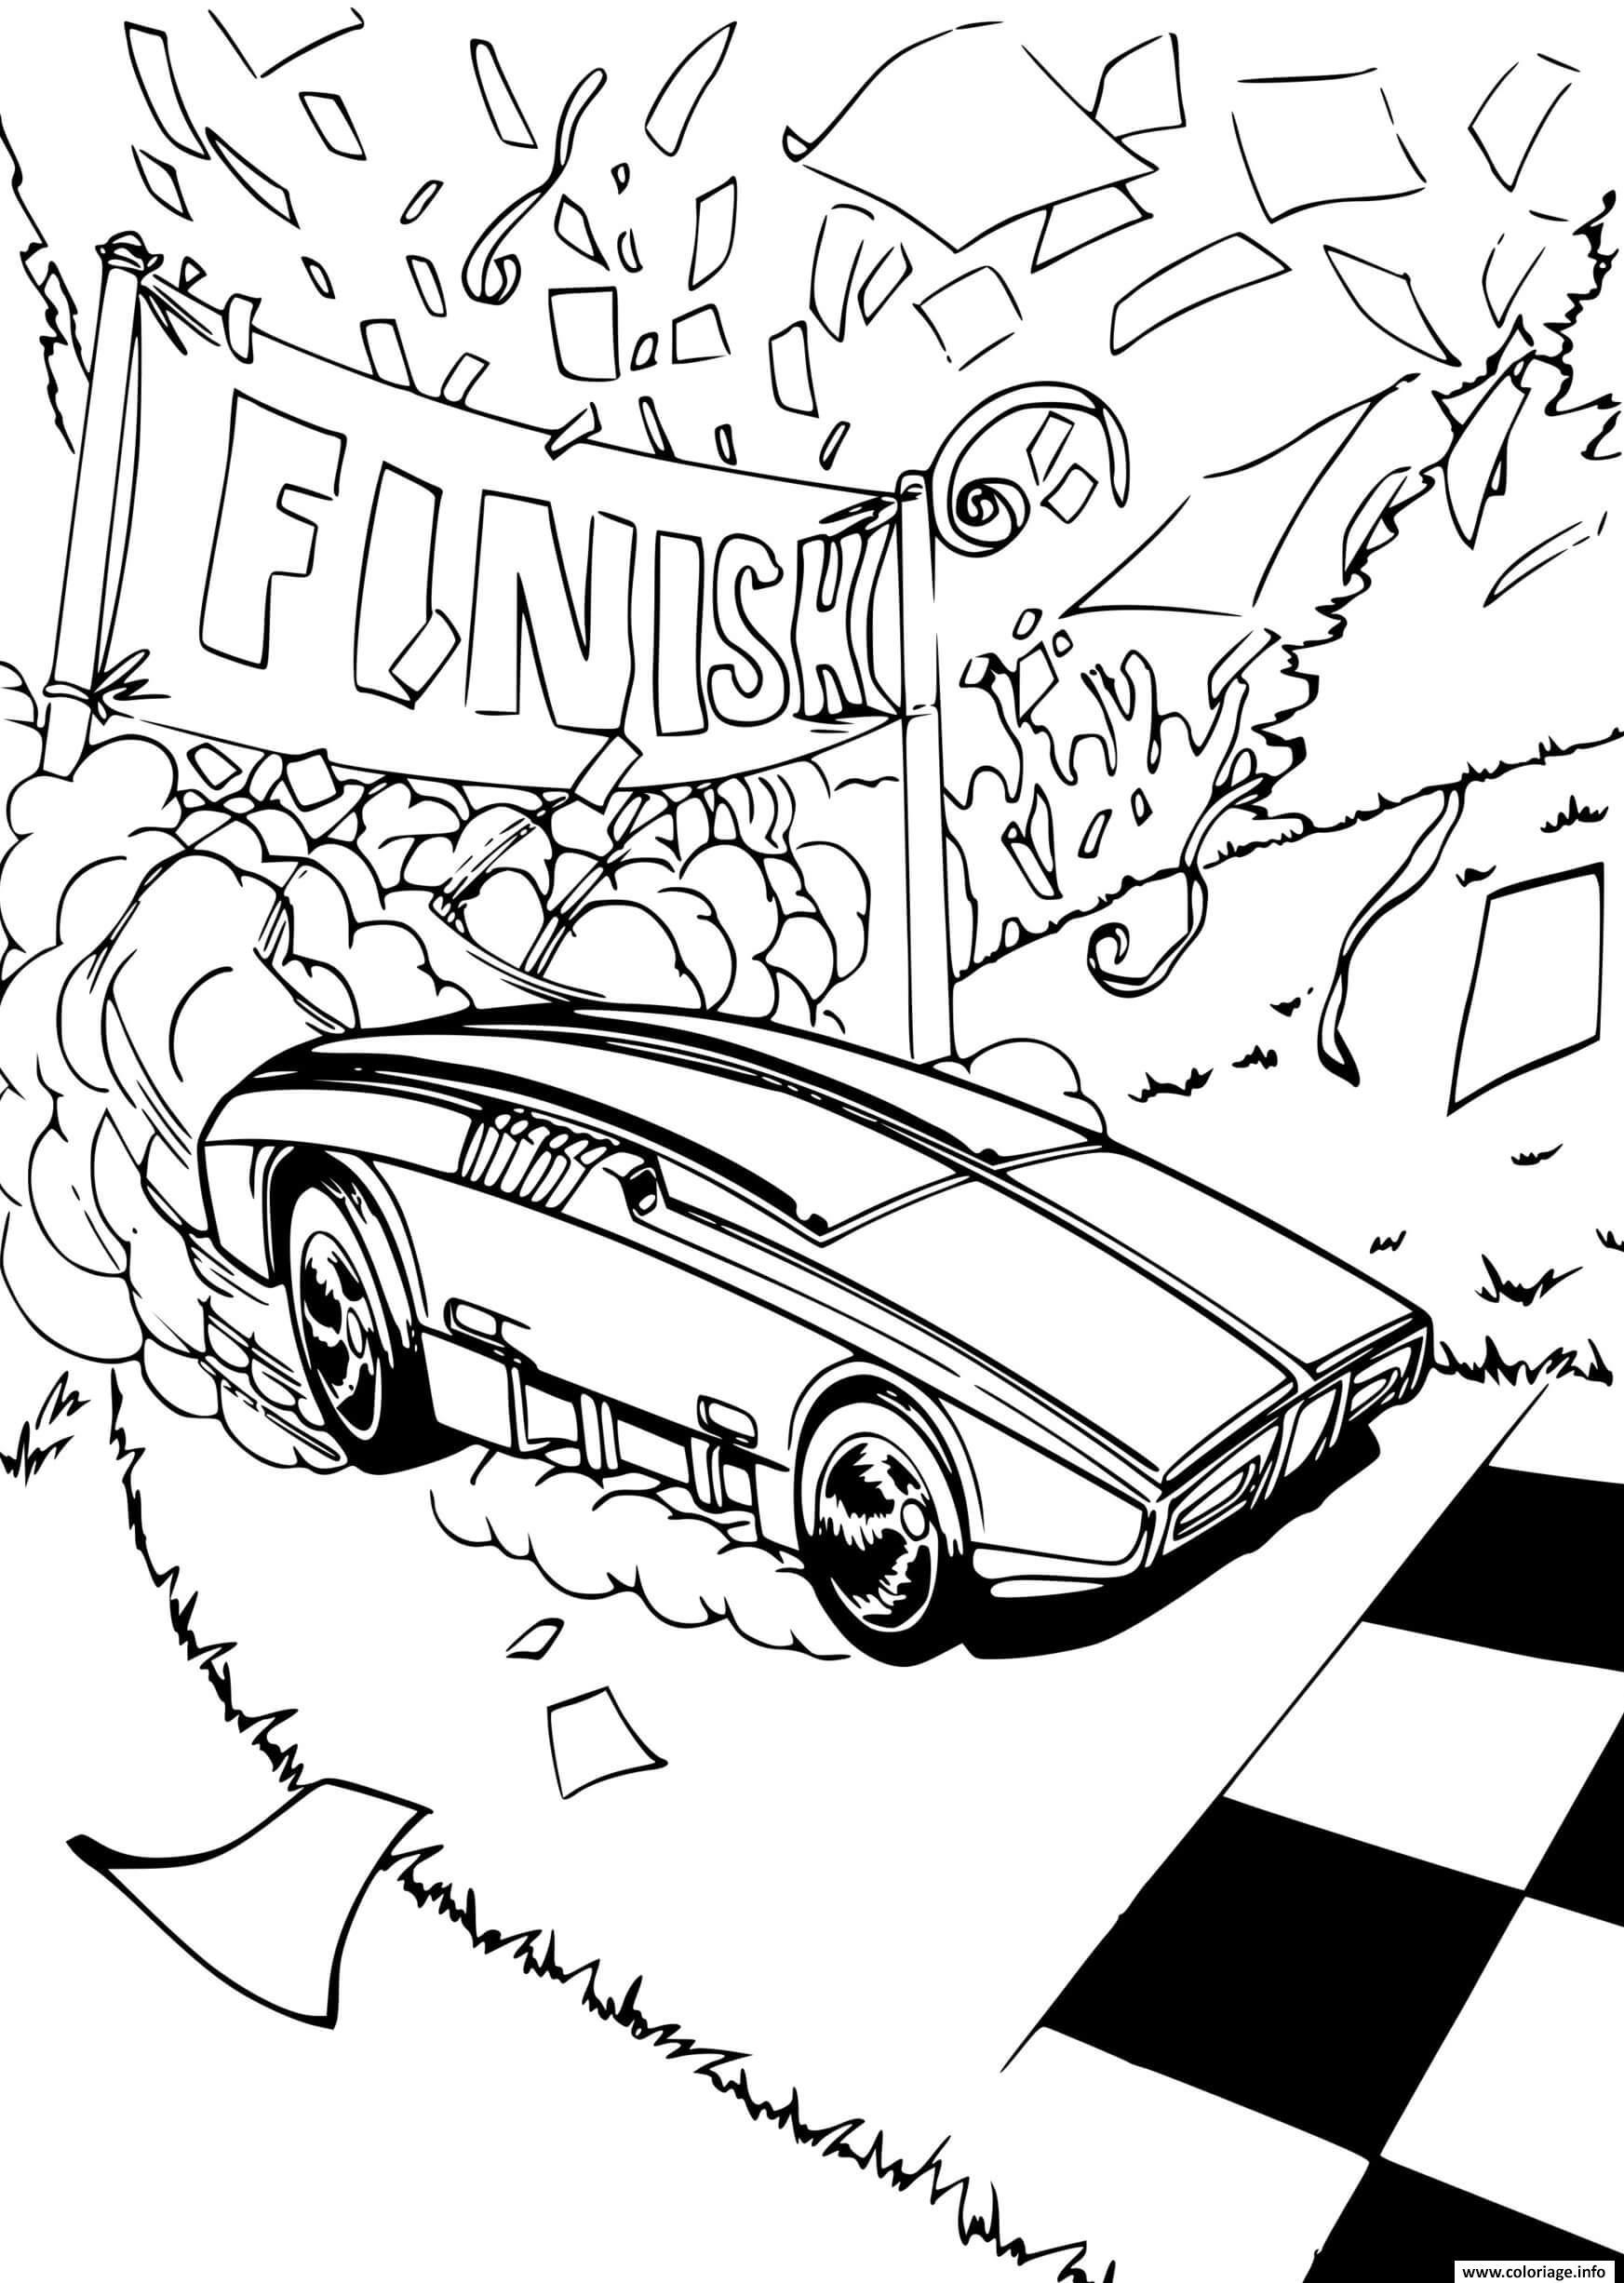 Dessin Hot Wheels voitures Finish Coloriage Gratuit à Imprimer